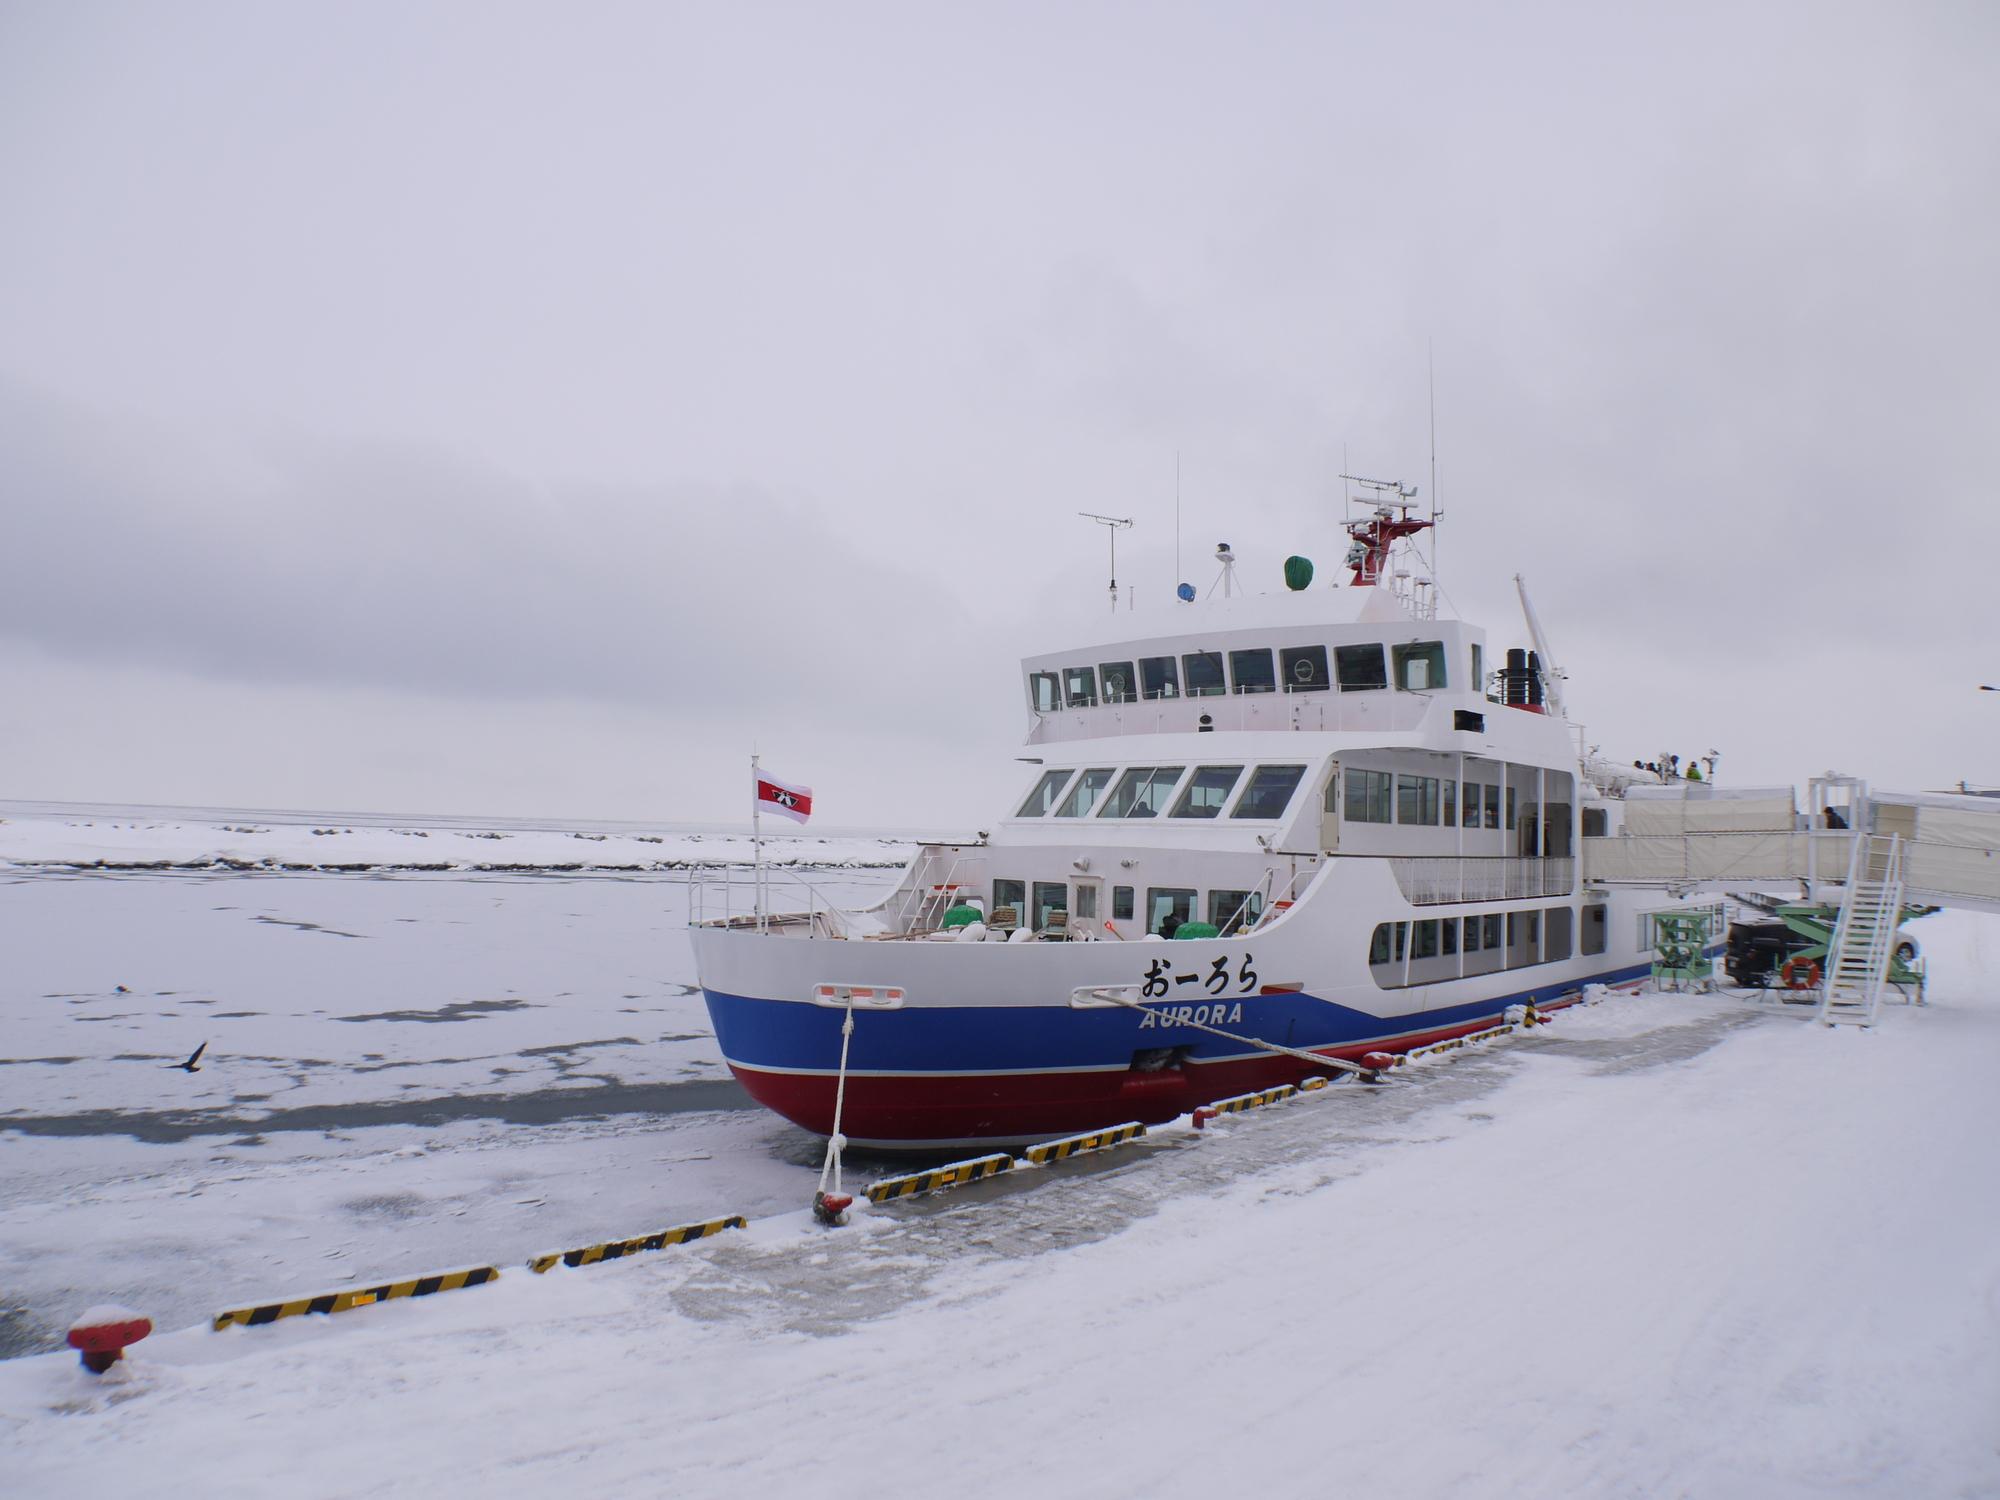 オホーツク海 流氷クルーズ